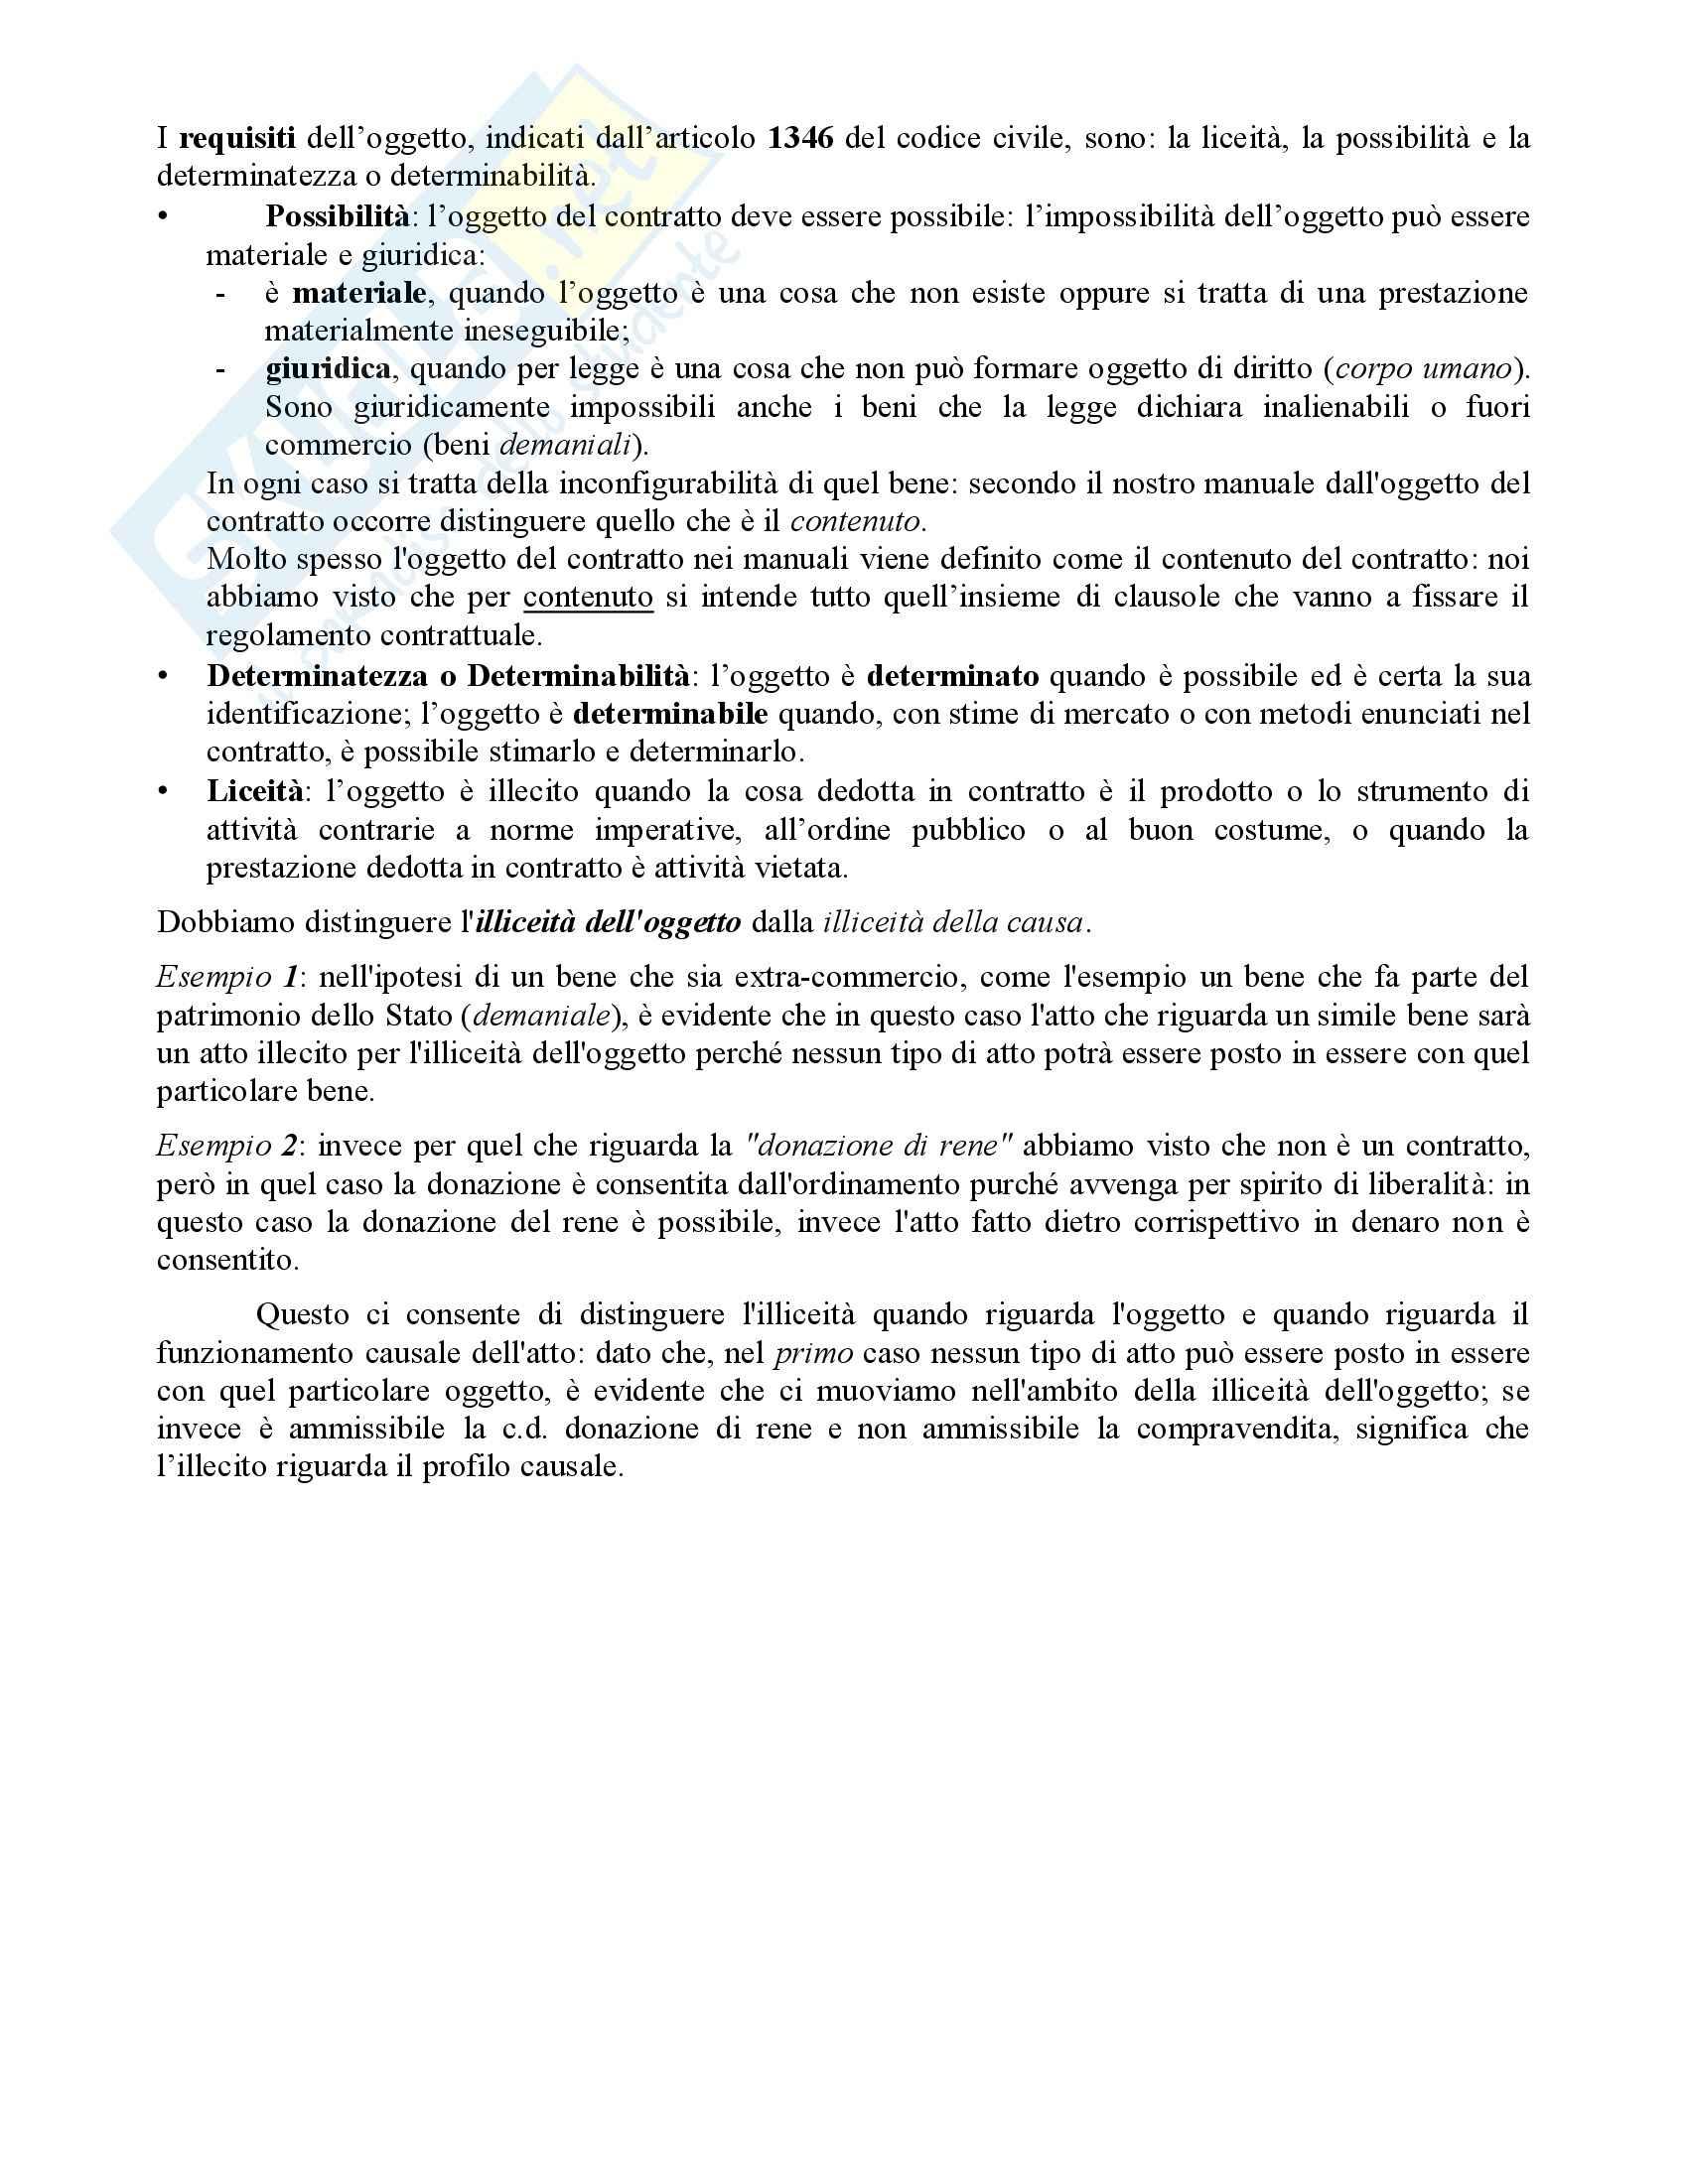 Diritto Civile - Perlingieri – Contratto – Riassunto esame Pag. 2